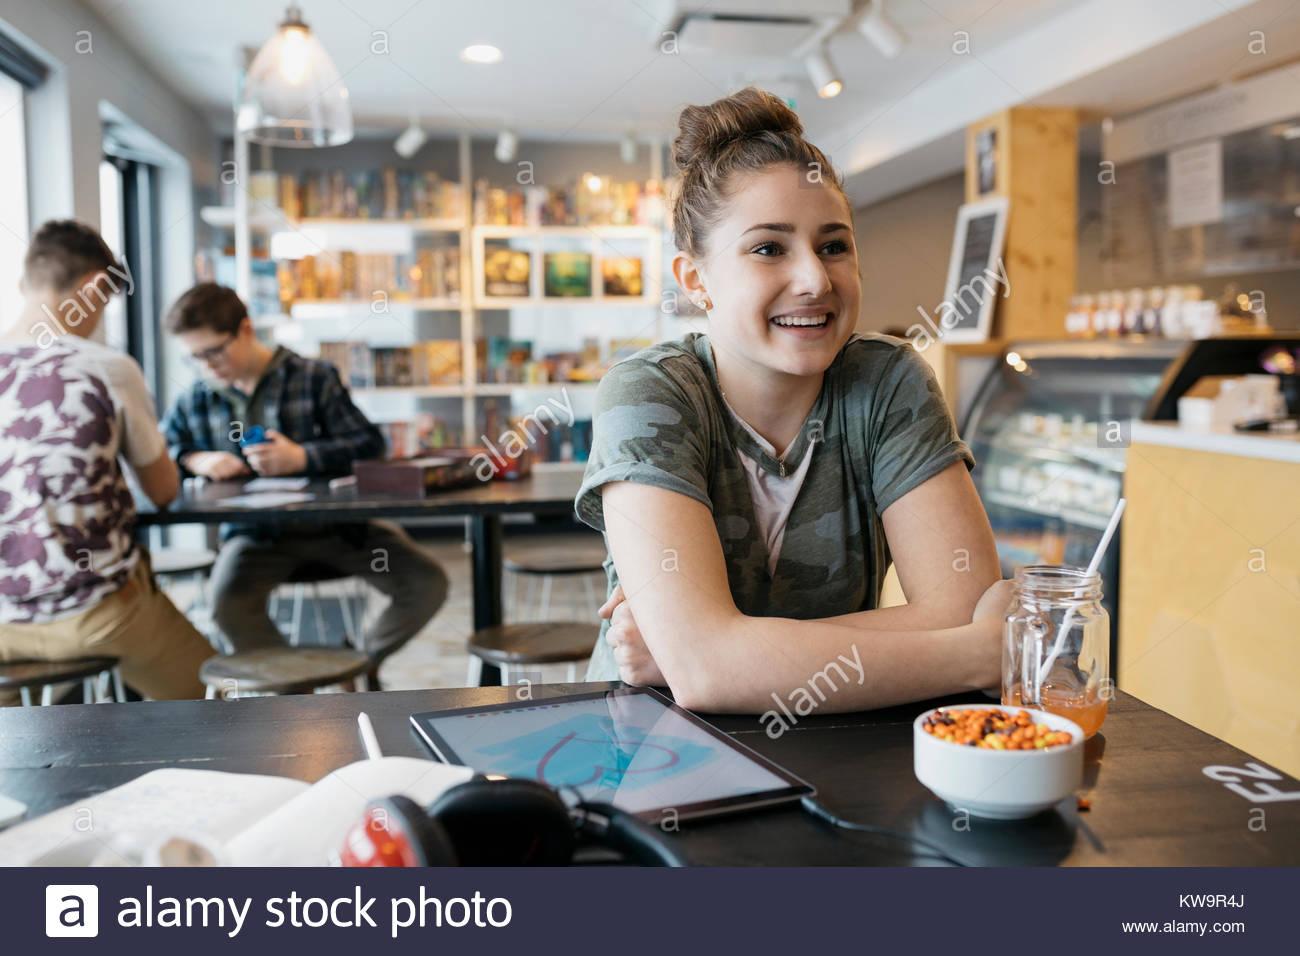 Sonriendo estudiante secundaria del Cáucaso con tableta digital estudiando en cafe Imagen De Stock